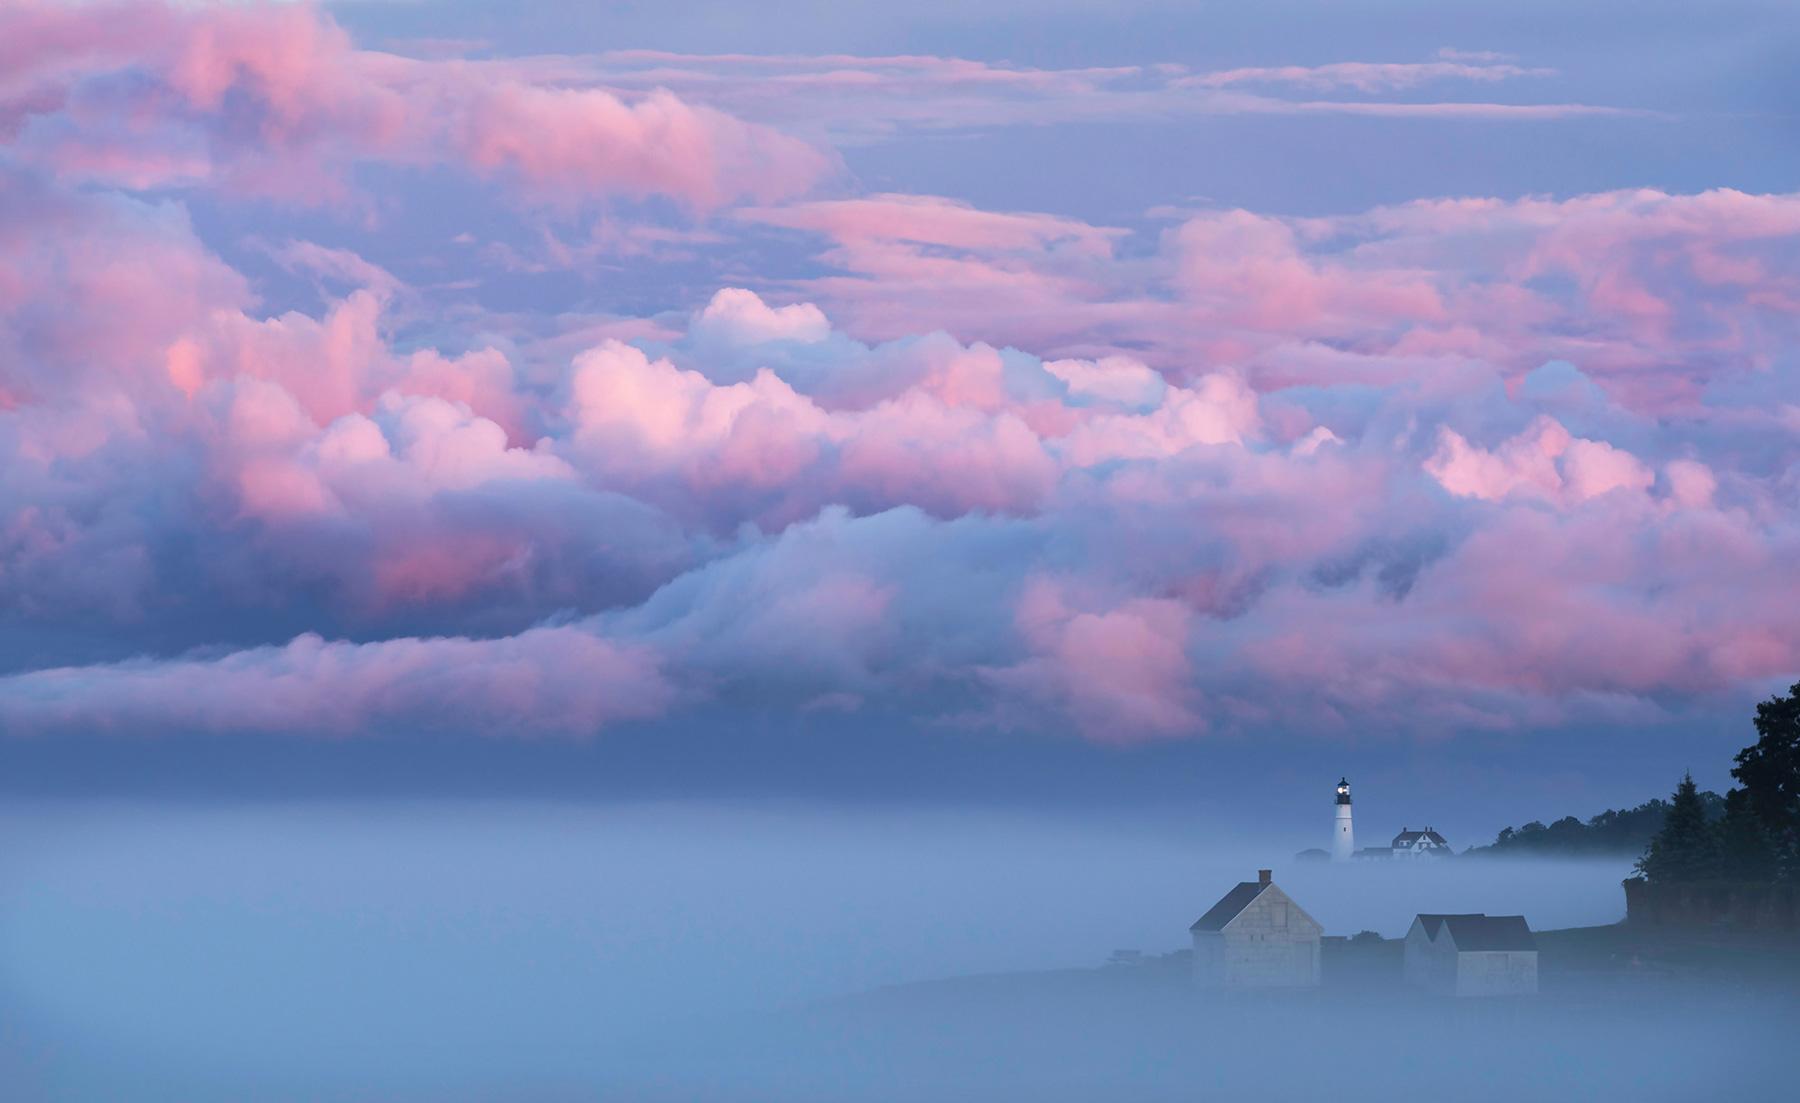 Jack Milton, Storm Clouds